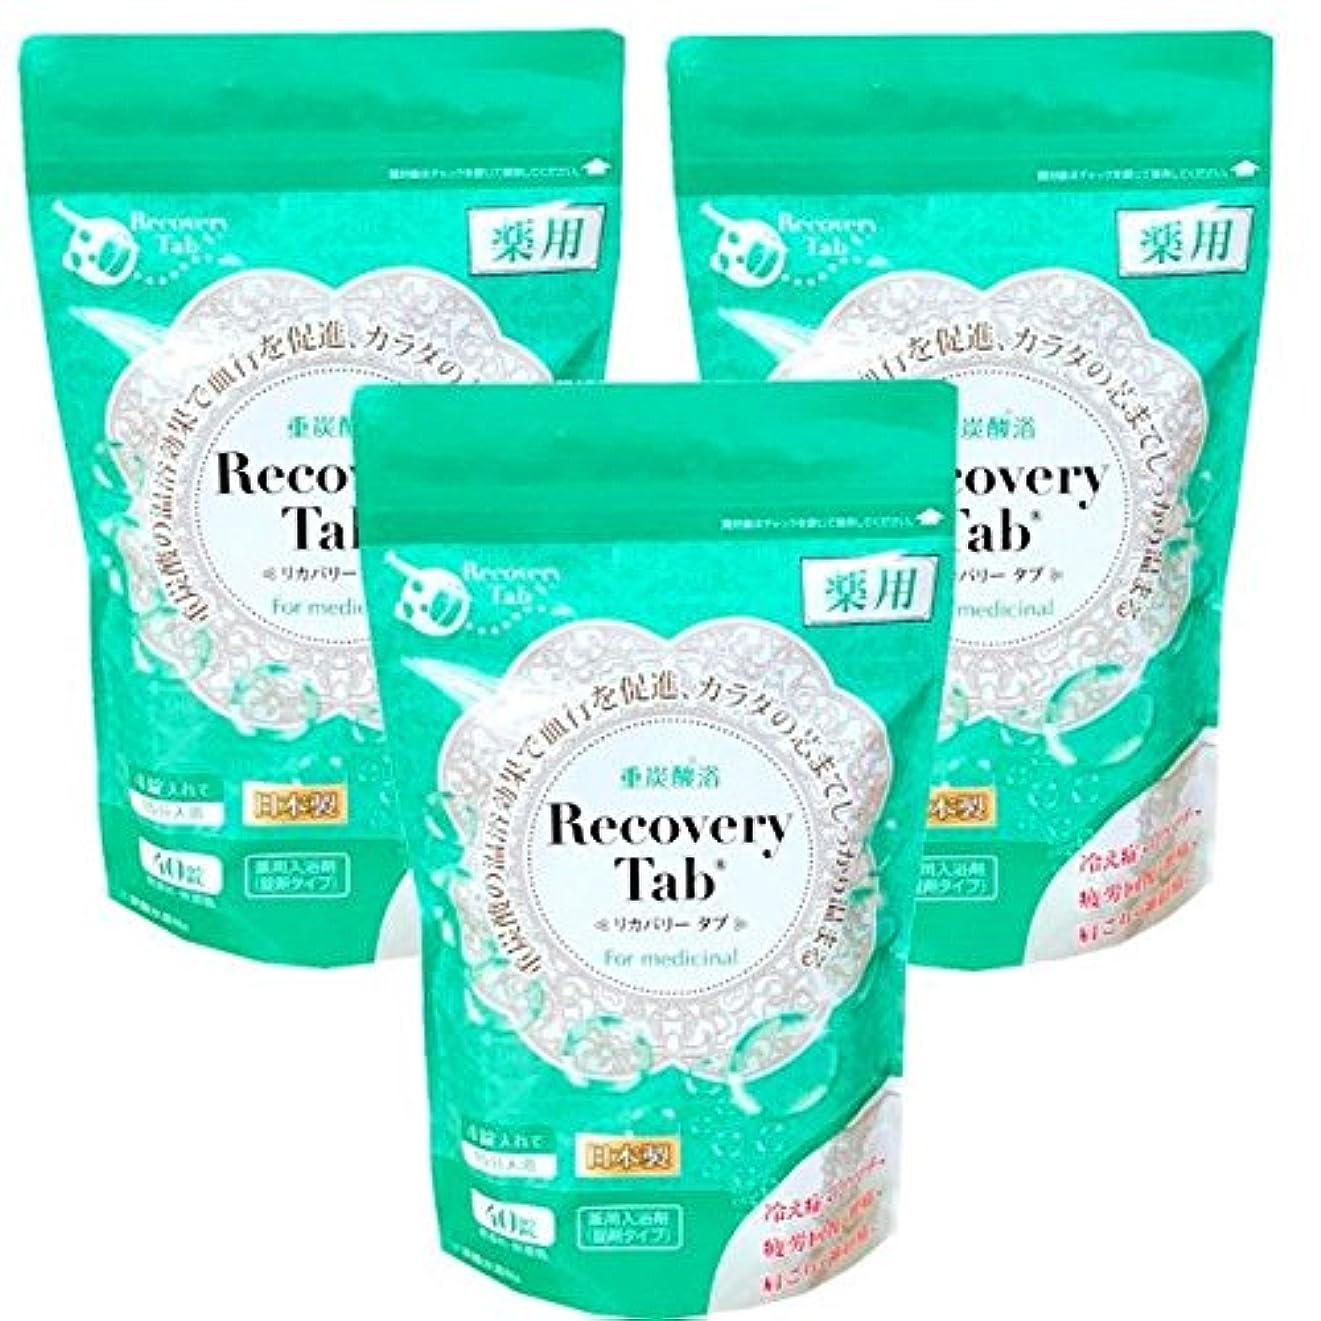 回るミュウミュウロンドン薬用リカバリータブ 40錠入 3個セット 薬用入浴剤 日本製